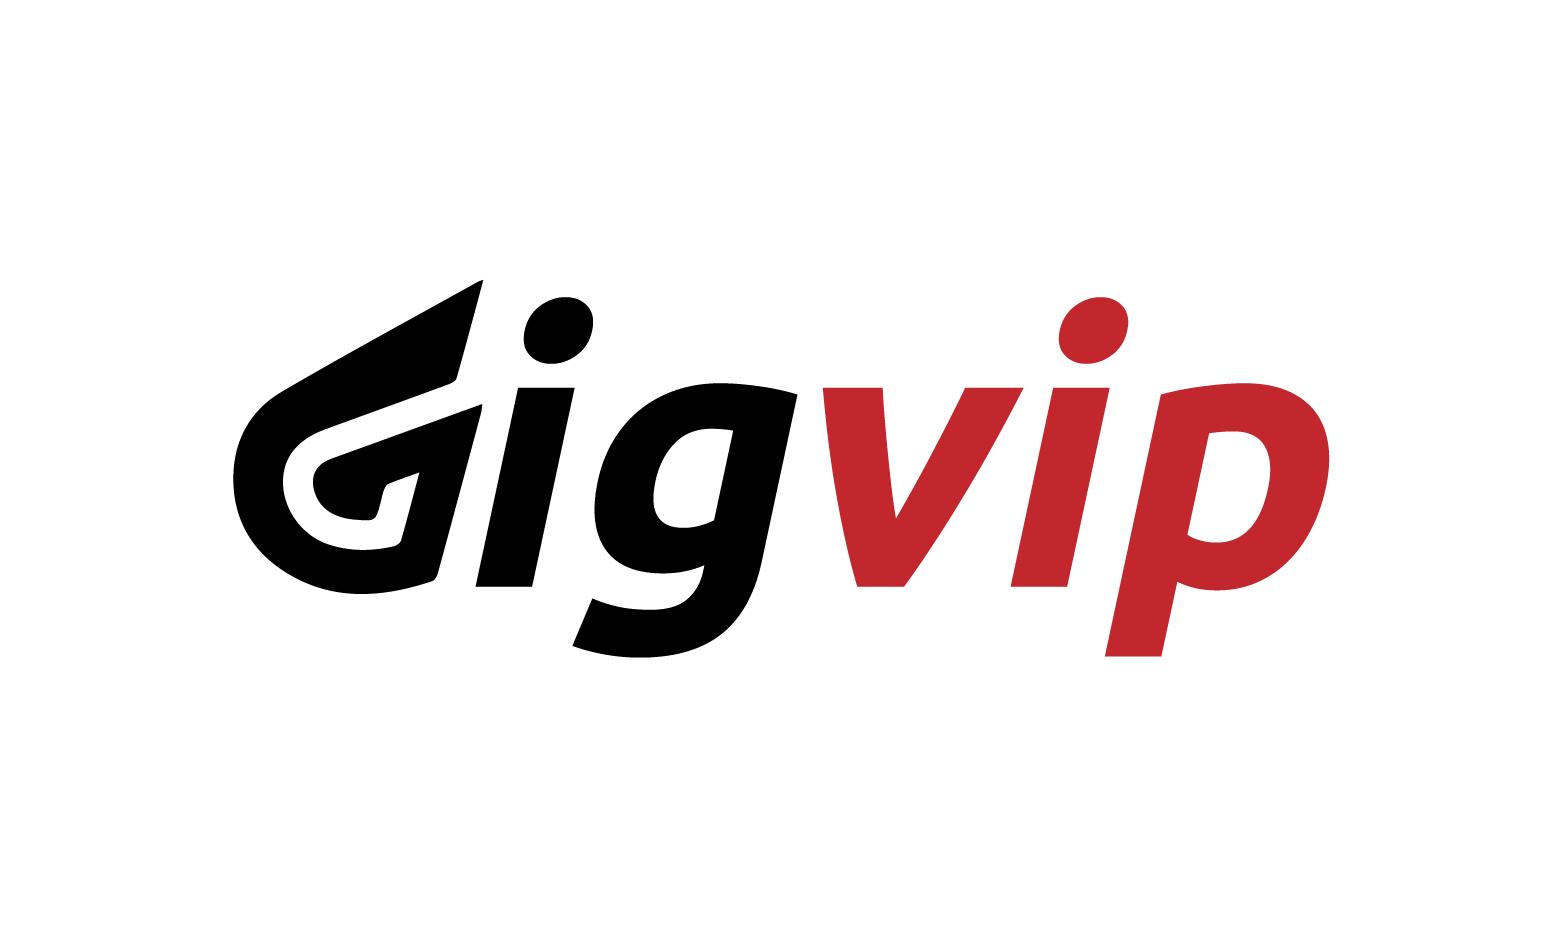 gigvip.com